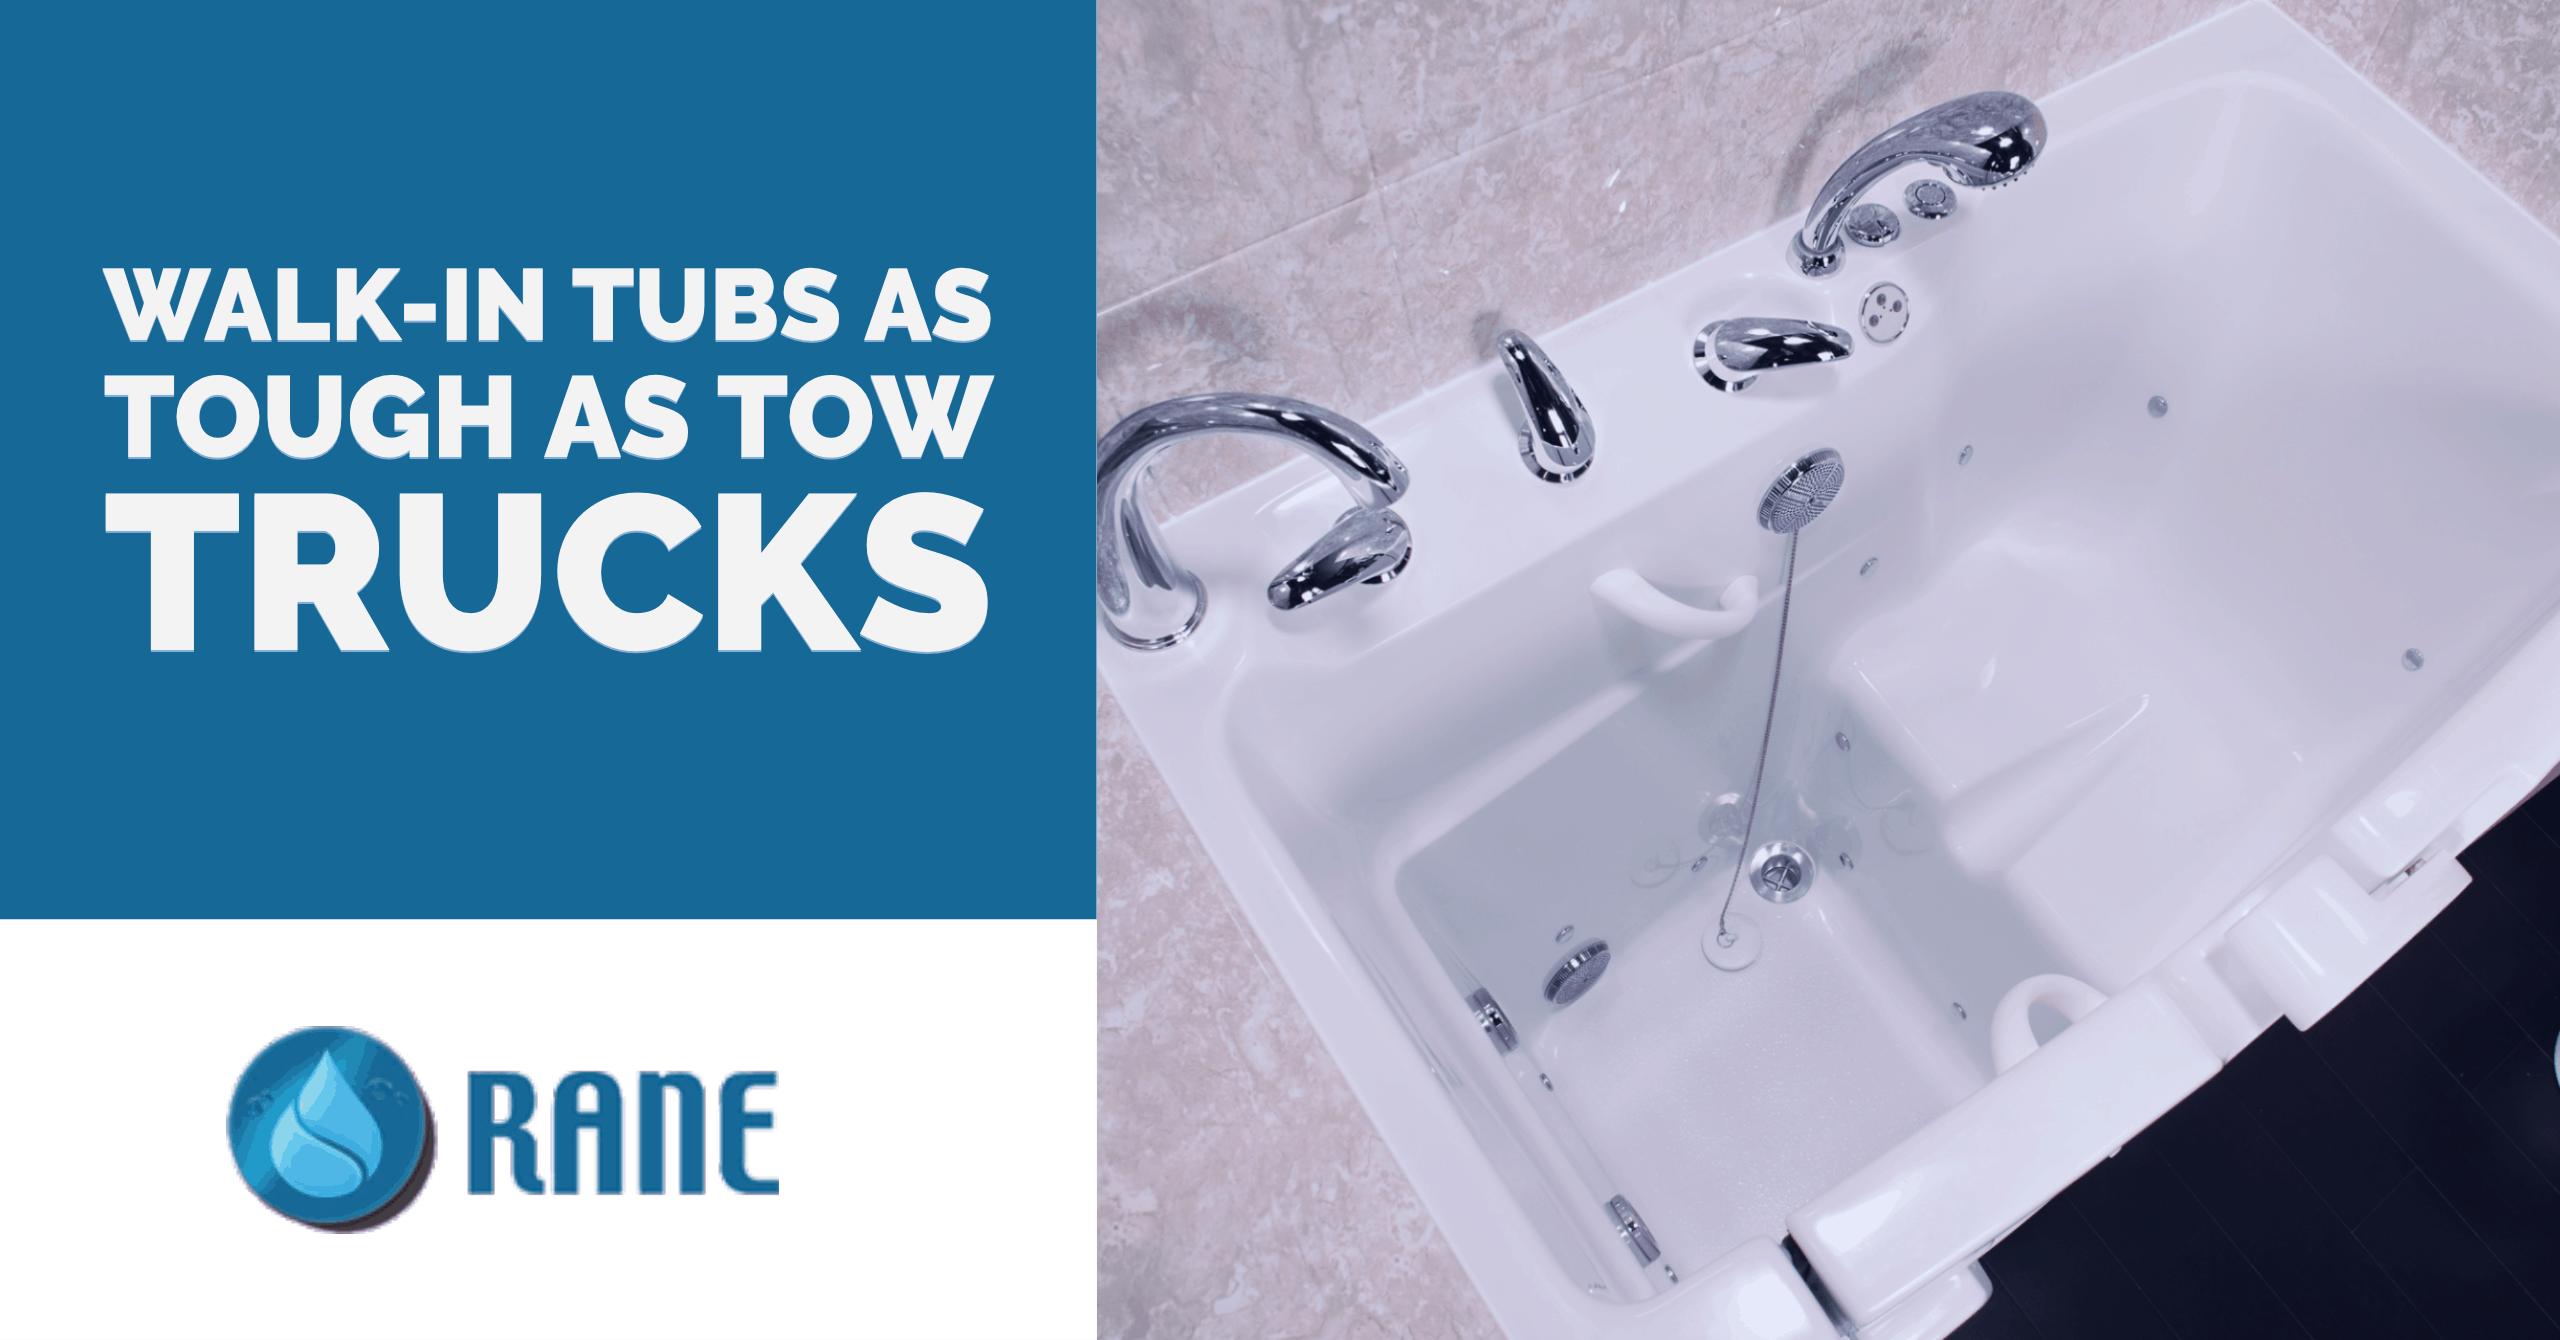 Rane Walk-in Tubs as Tough as Tow Trucks